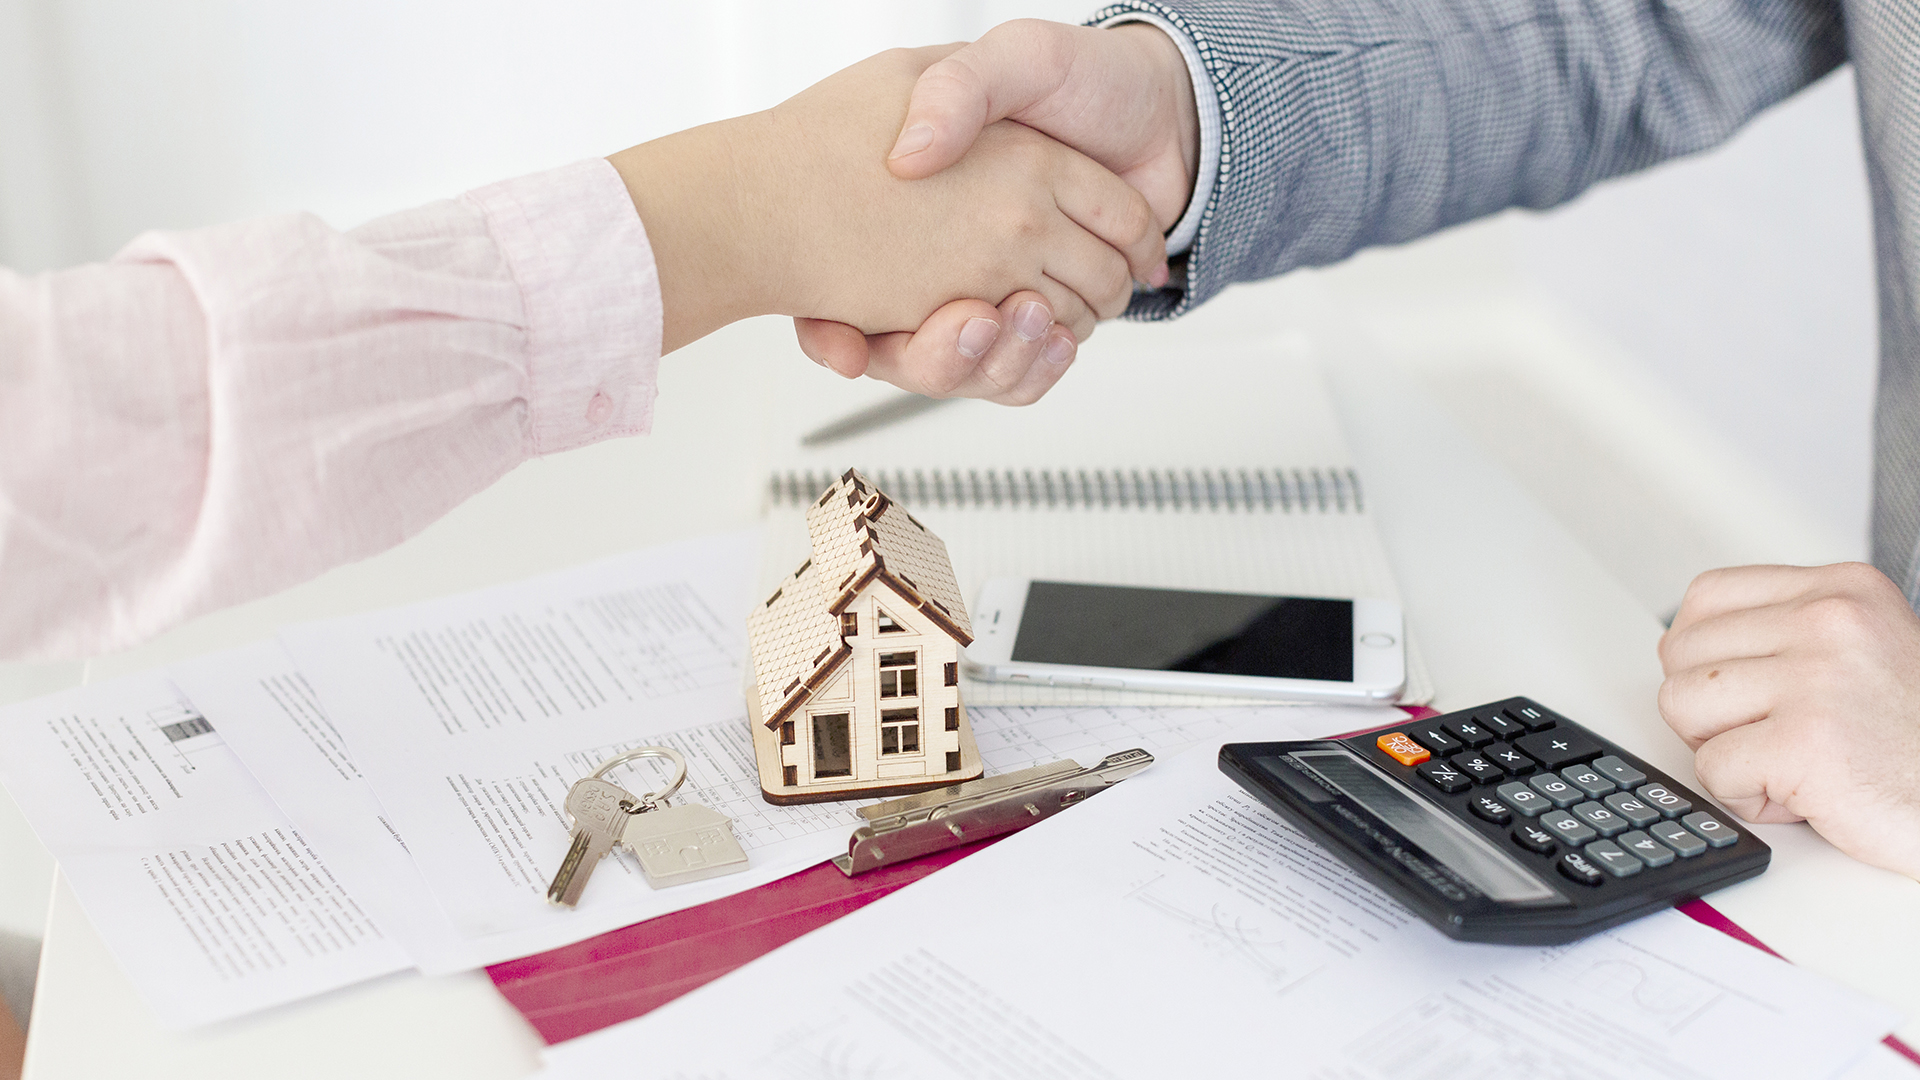 Cómo Obtener un Préstamo Personal o Soluciones de Crédito